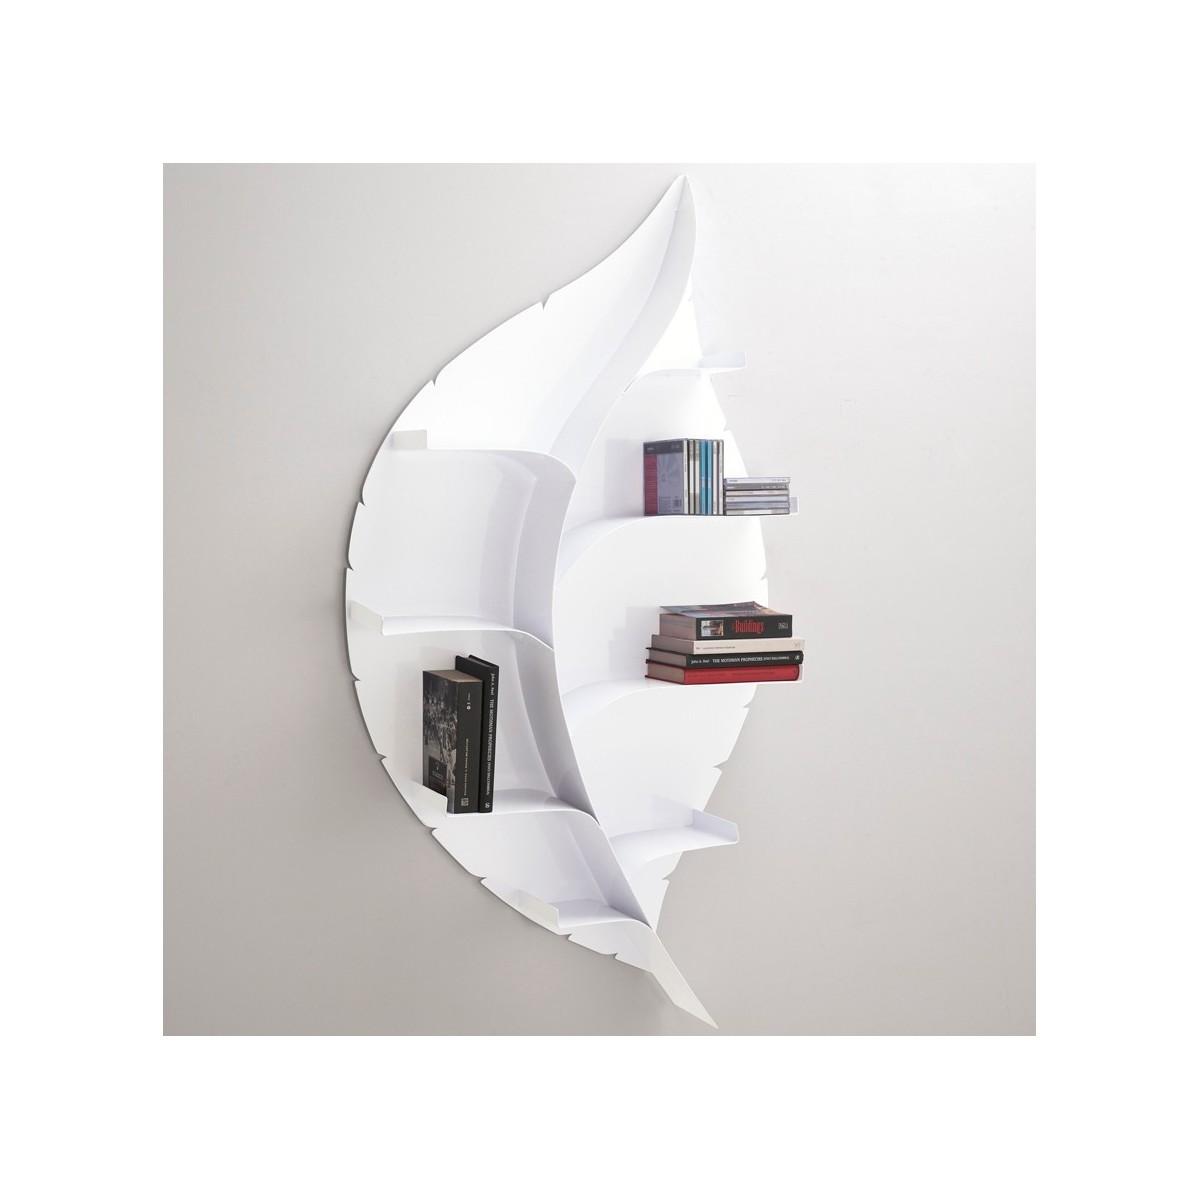 Foglia libreria a parete design moderno in metallo bianca - Libreria a parete ...